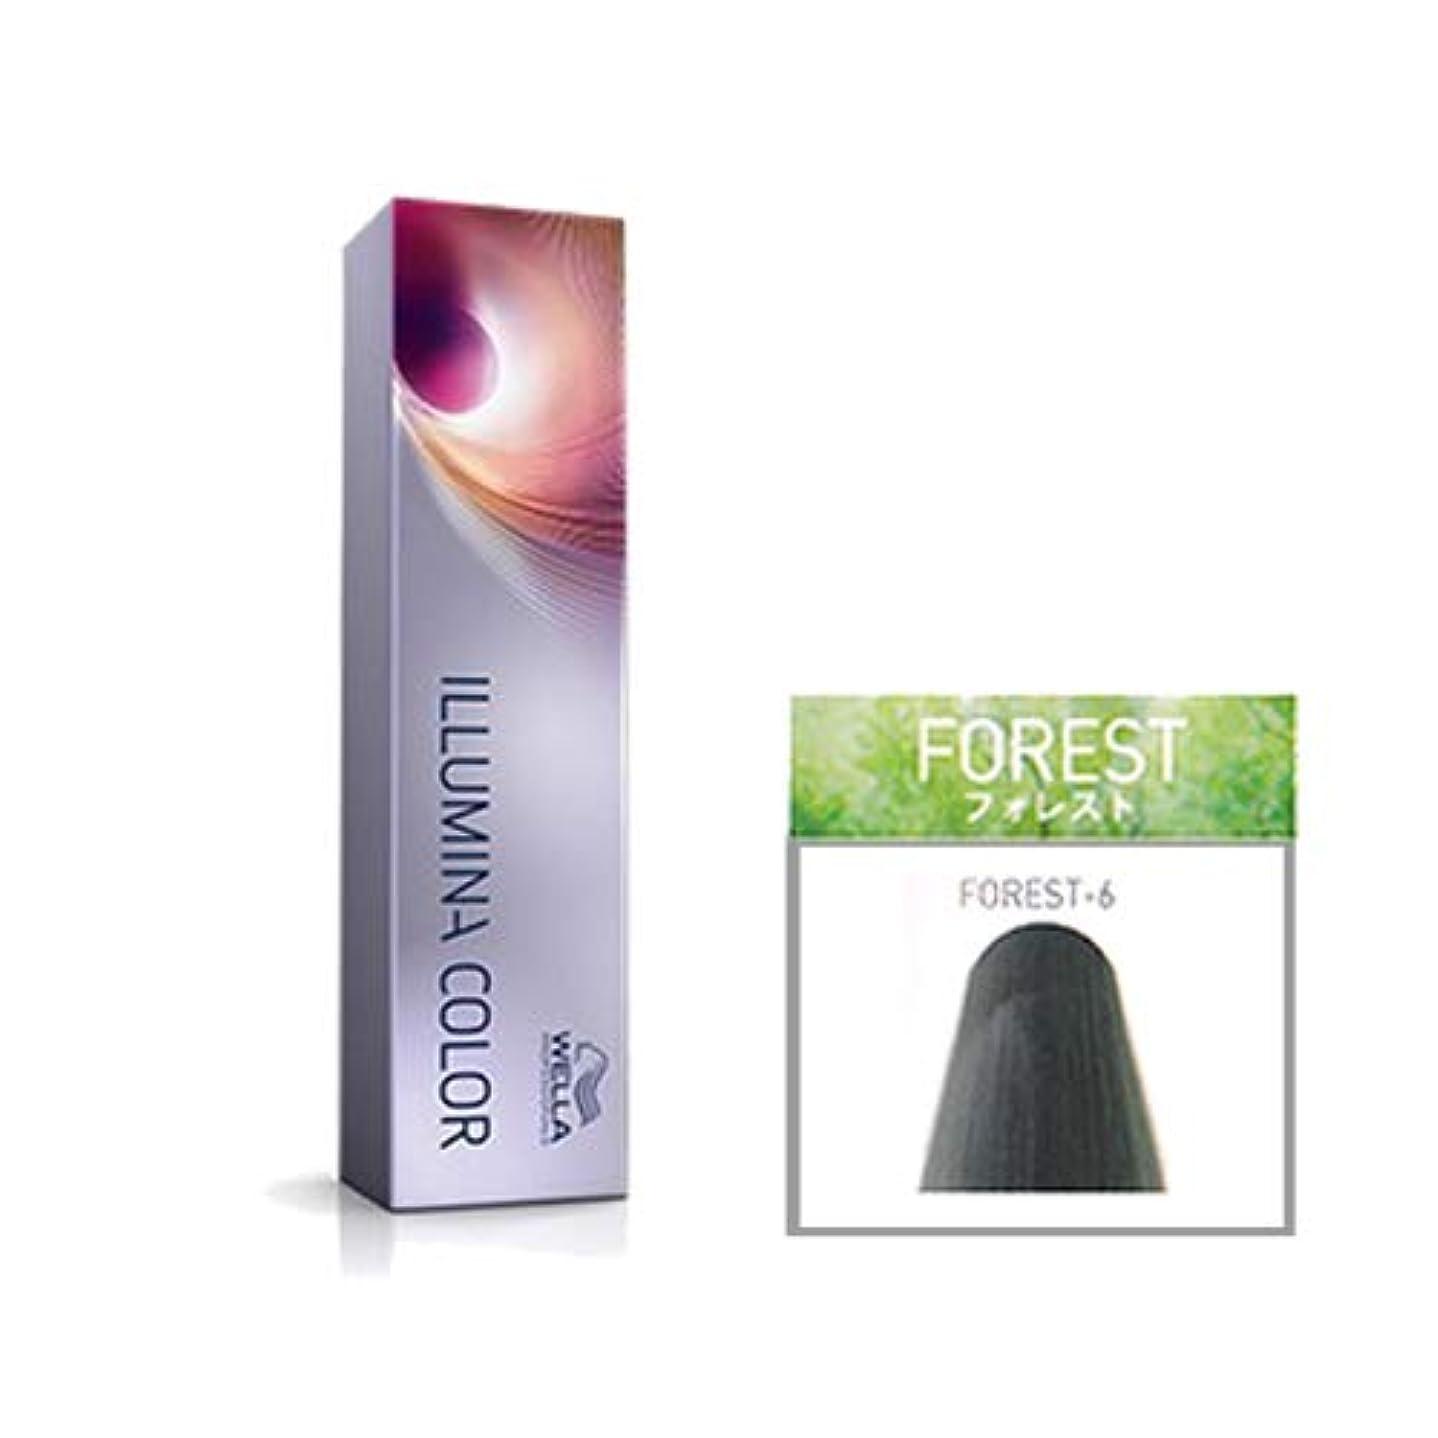 襟摂氏度森ウエラ プロフェッショナル イルミナ カラー フォレスト FOREST-6 80g